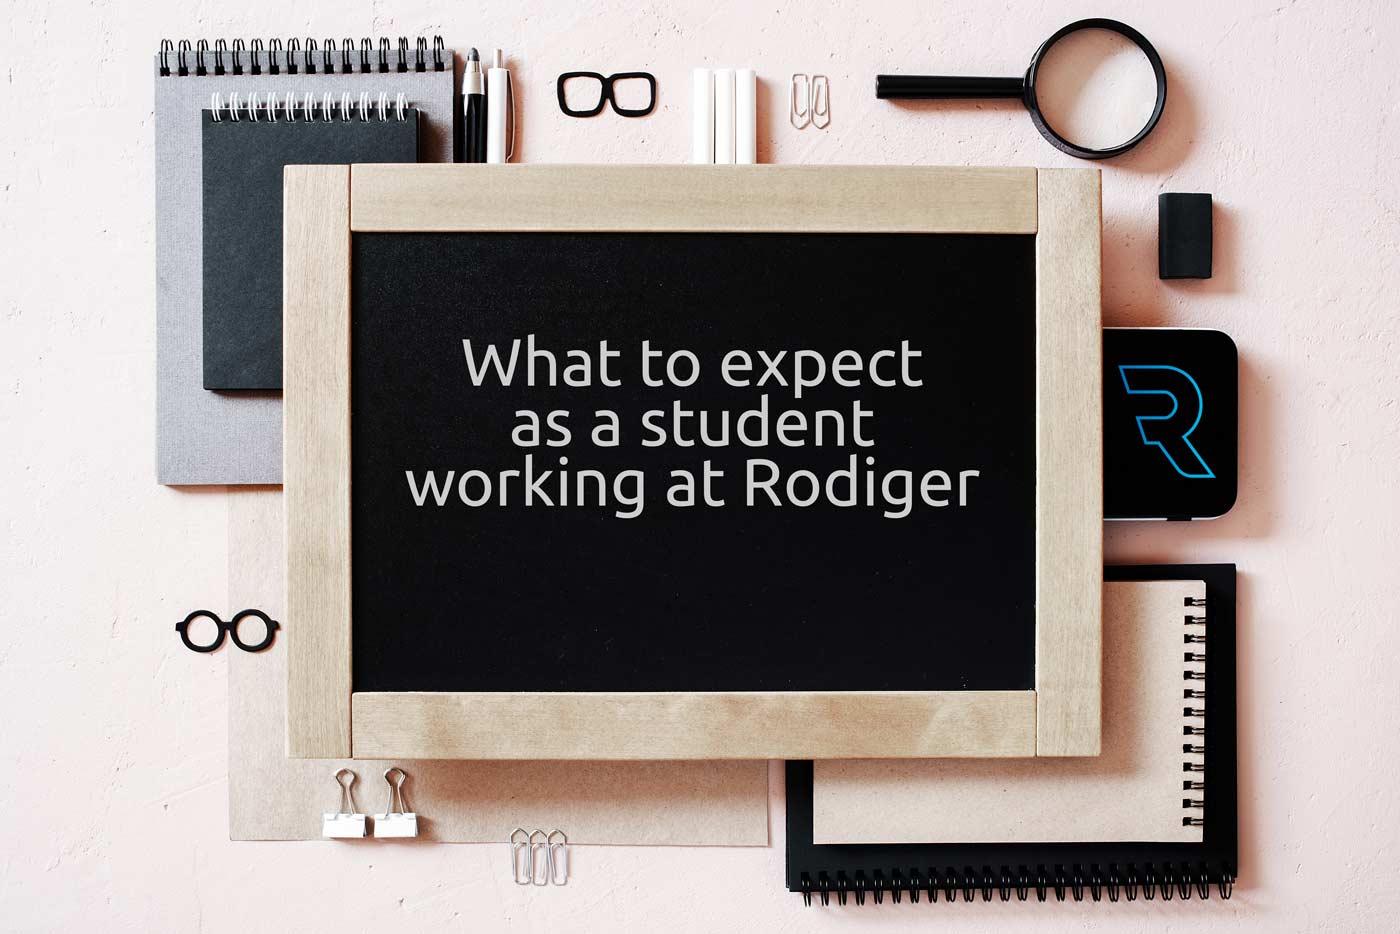 Student job at rodiger